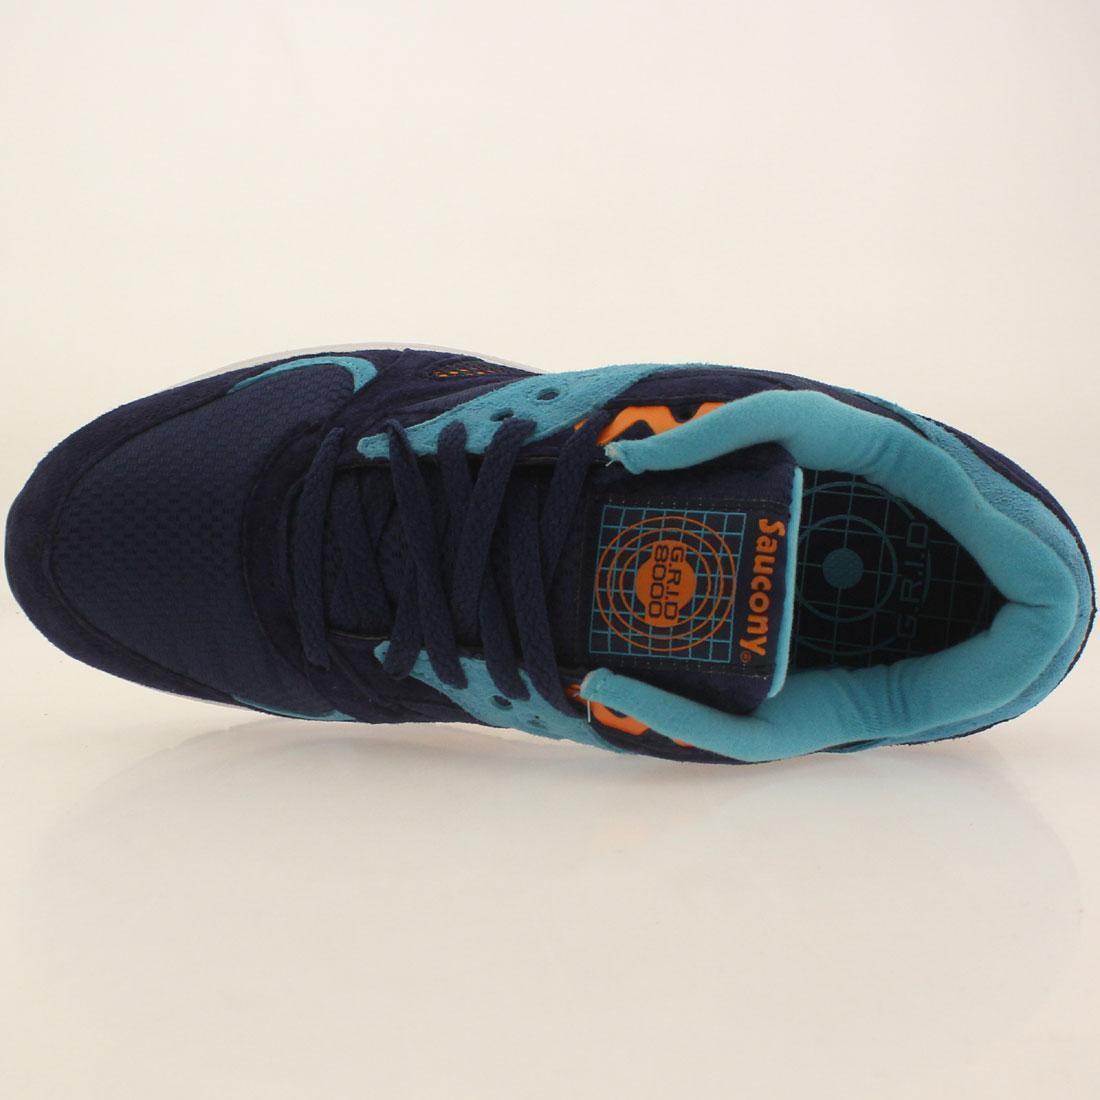 Saucony 8000 CL Navy Light Blau Weiß Mens Running schuhe